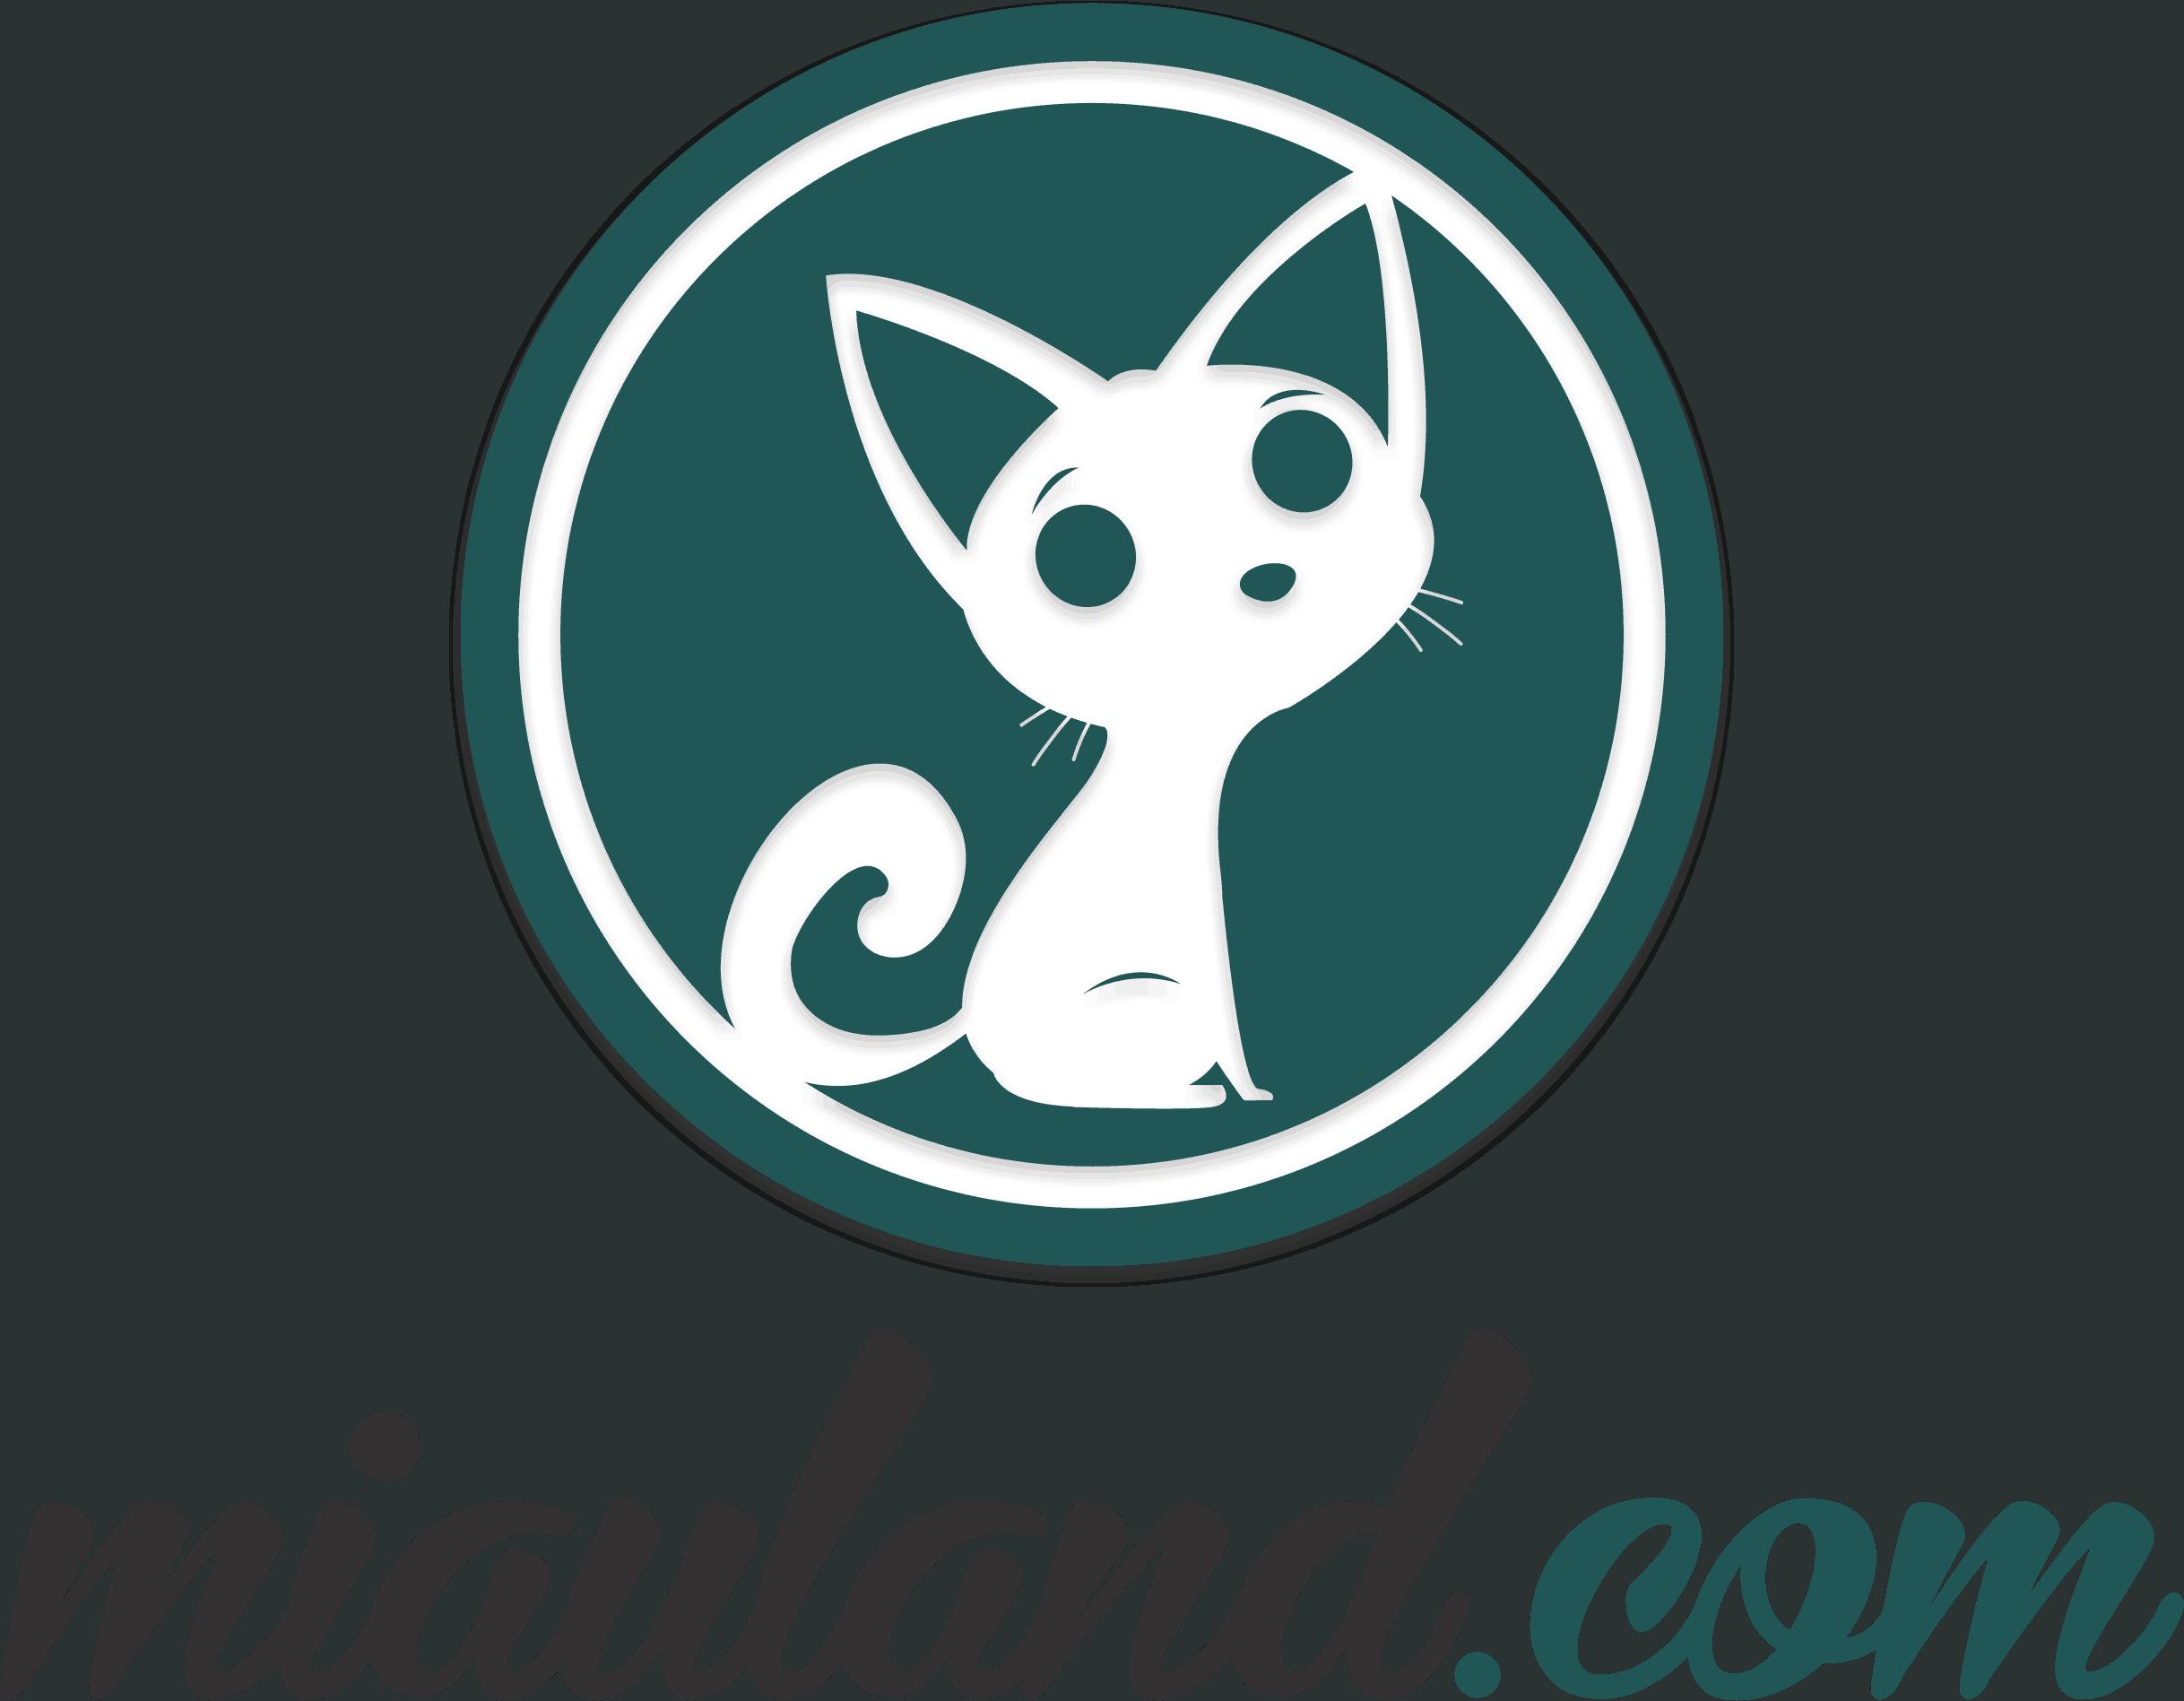 miauland.com